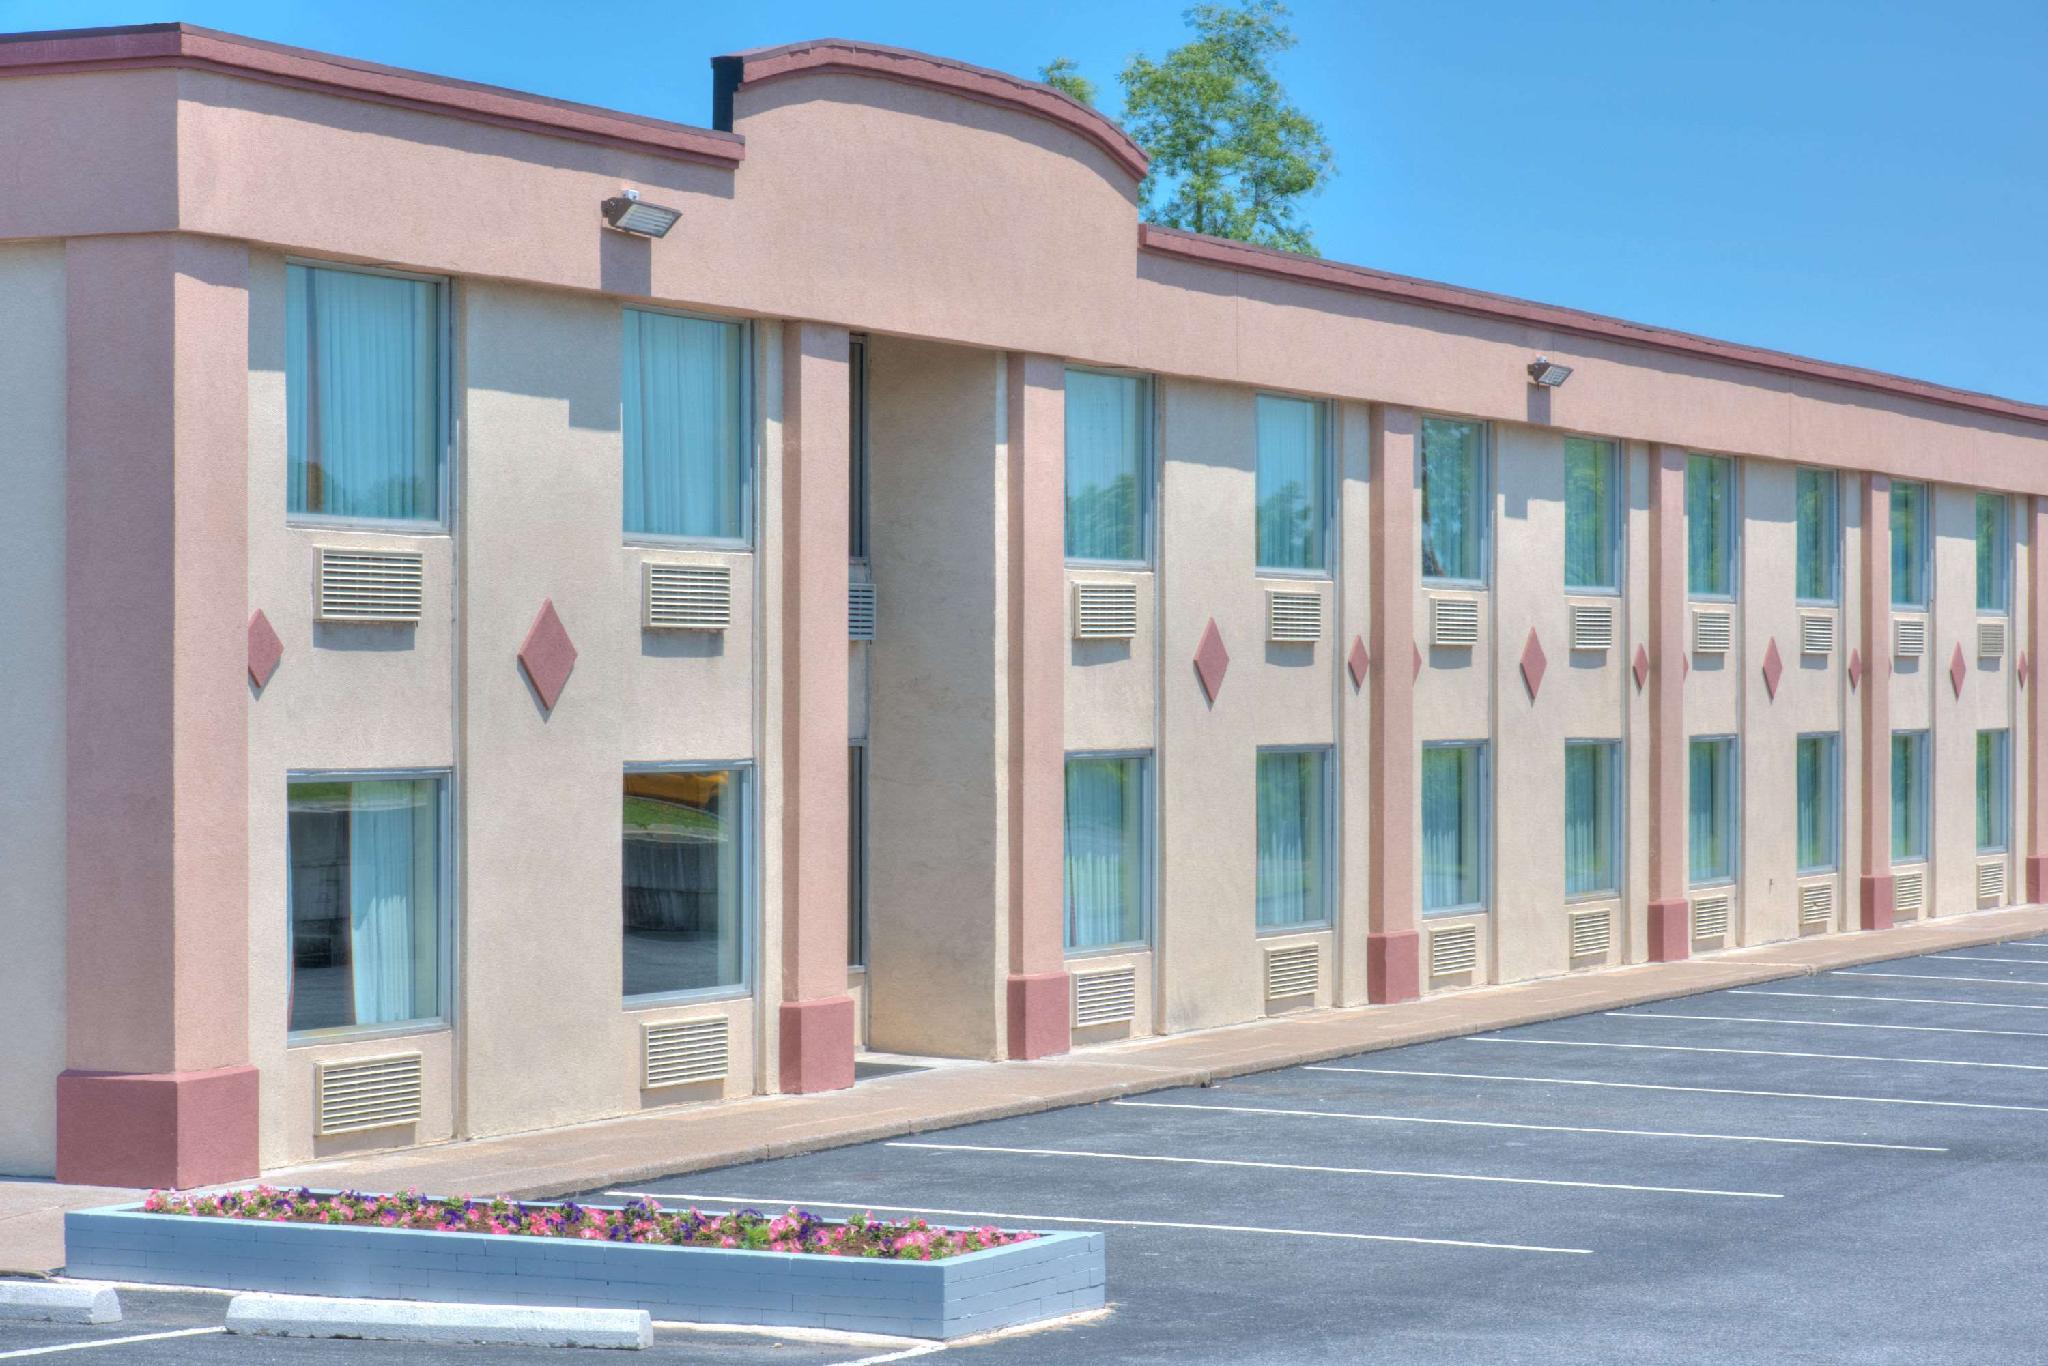 Days Inn By Wyndham New Cumberland Harrisburg South